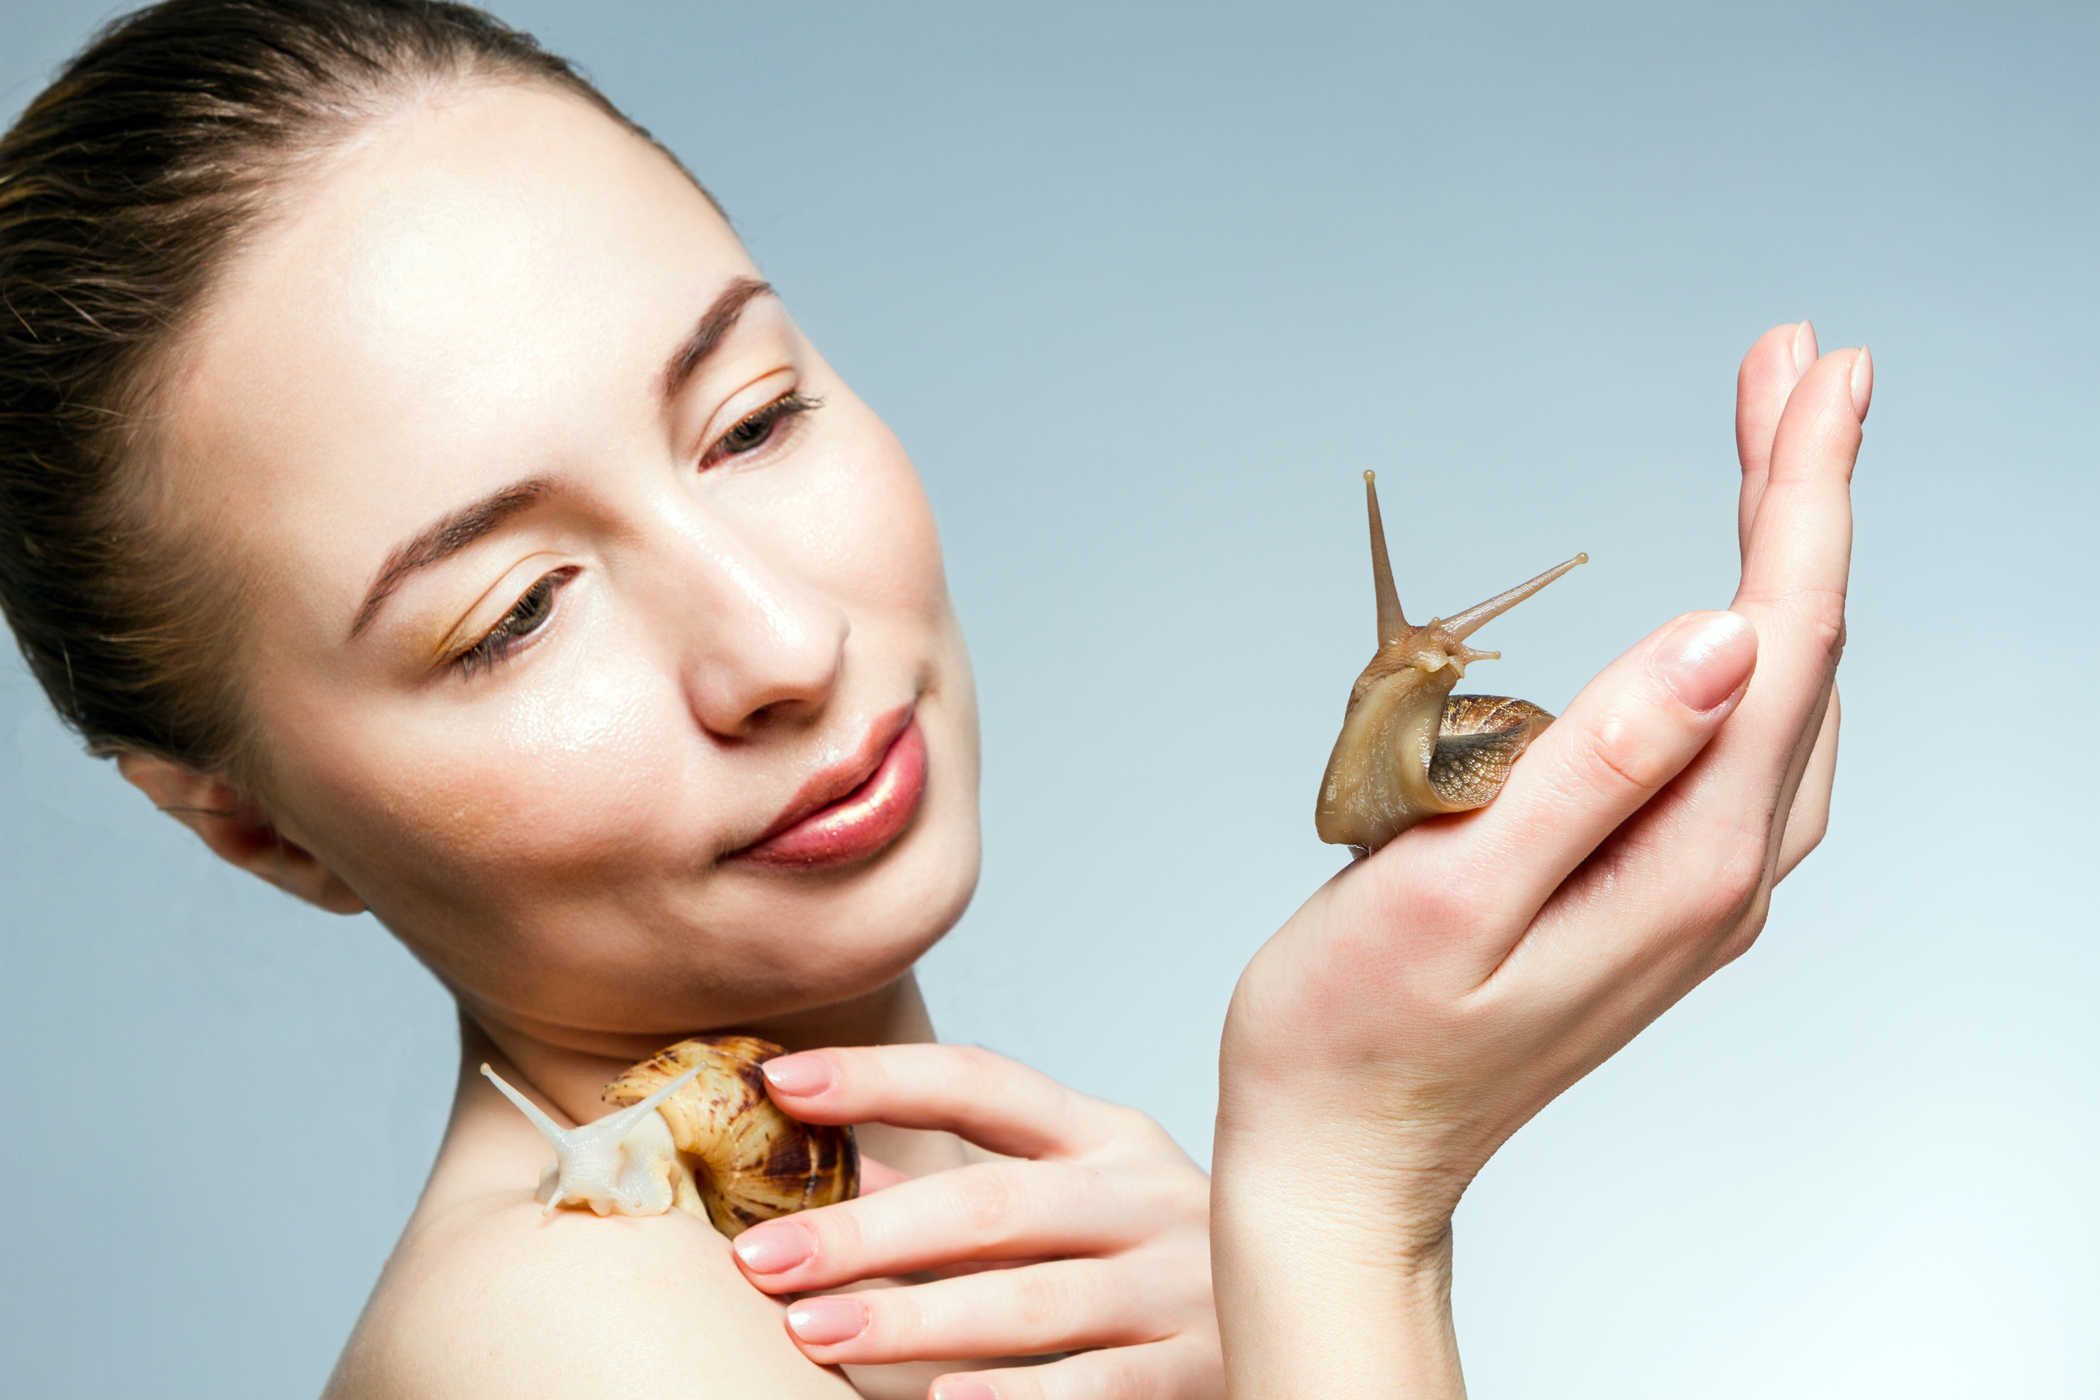 Косметика с муцином улитки - что это такое, польза от применения | маскамаска.ру | яндекс дзен